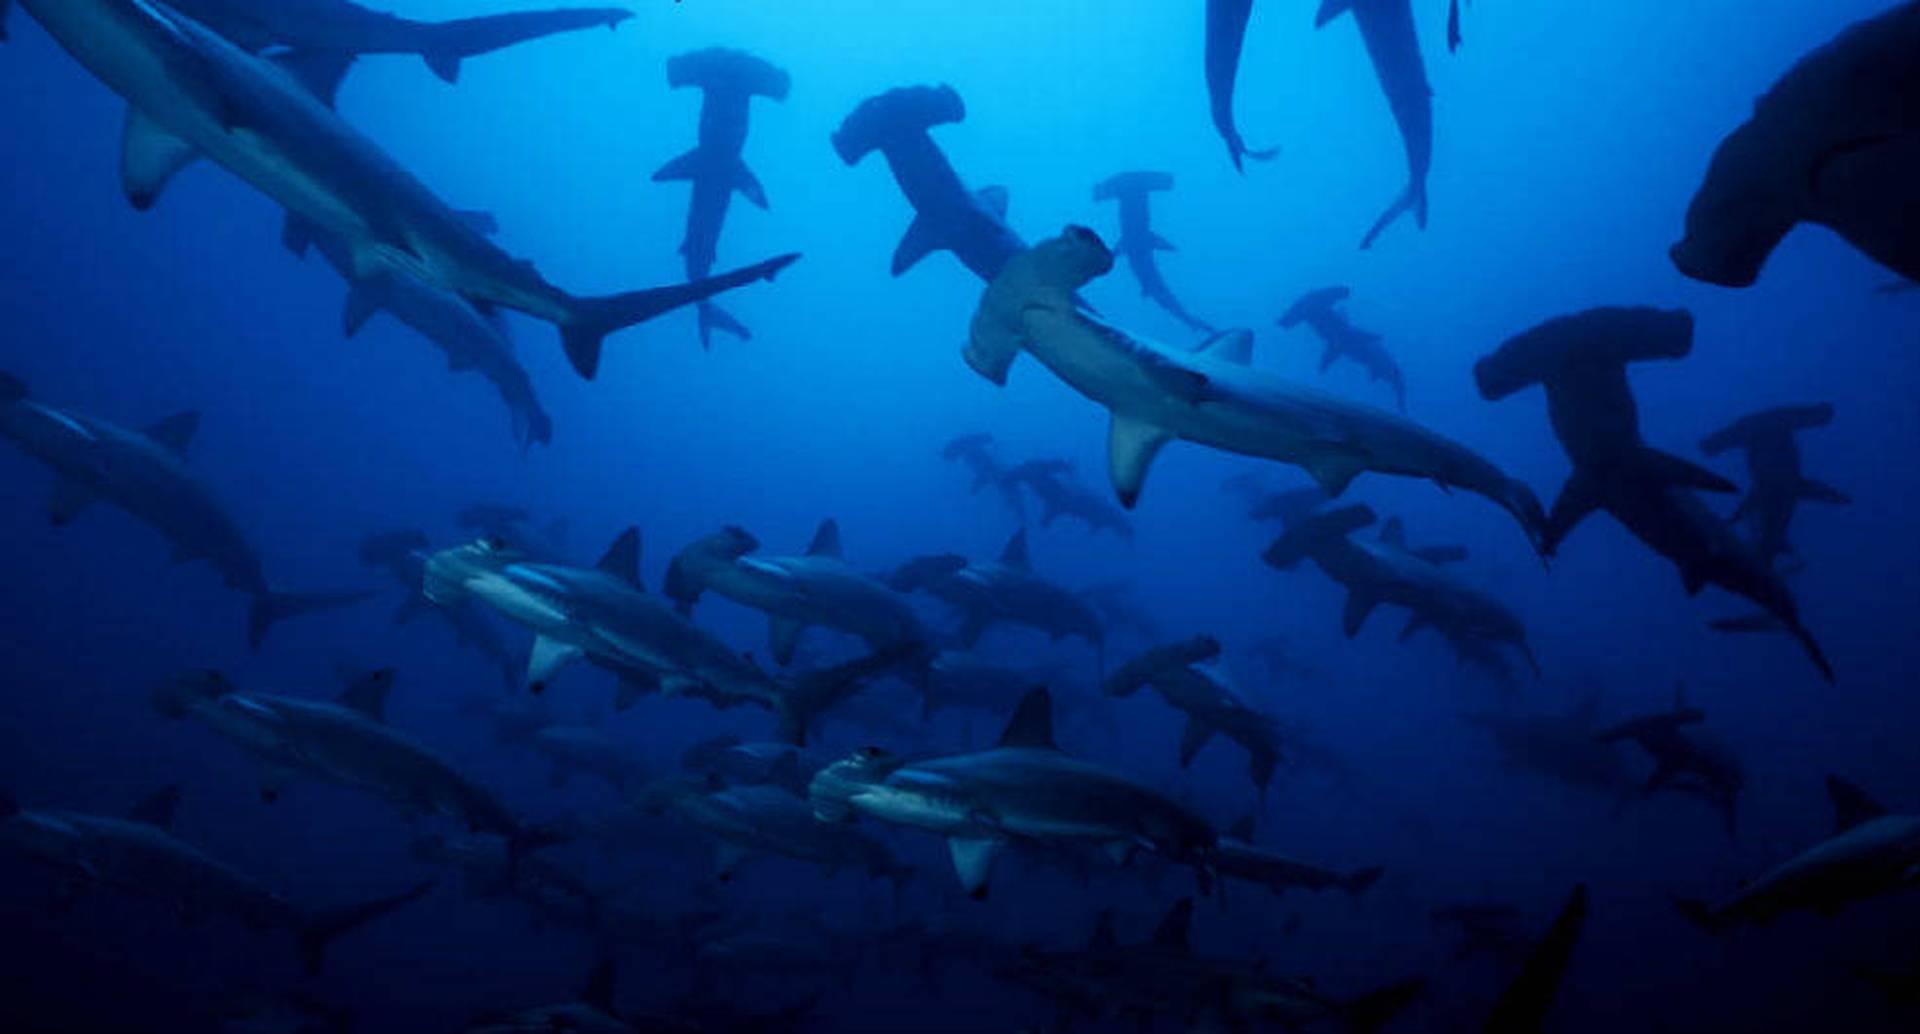 El Ministerio Público asegura que la resolución que permite la pesca de tiburones se debe modificar o revocar.